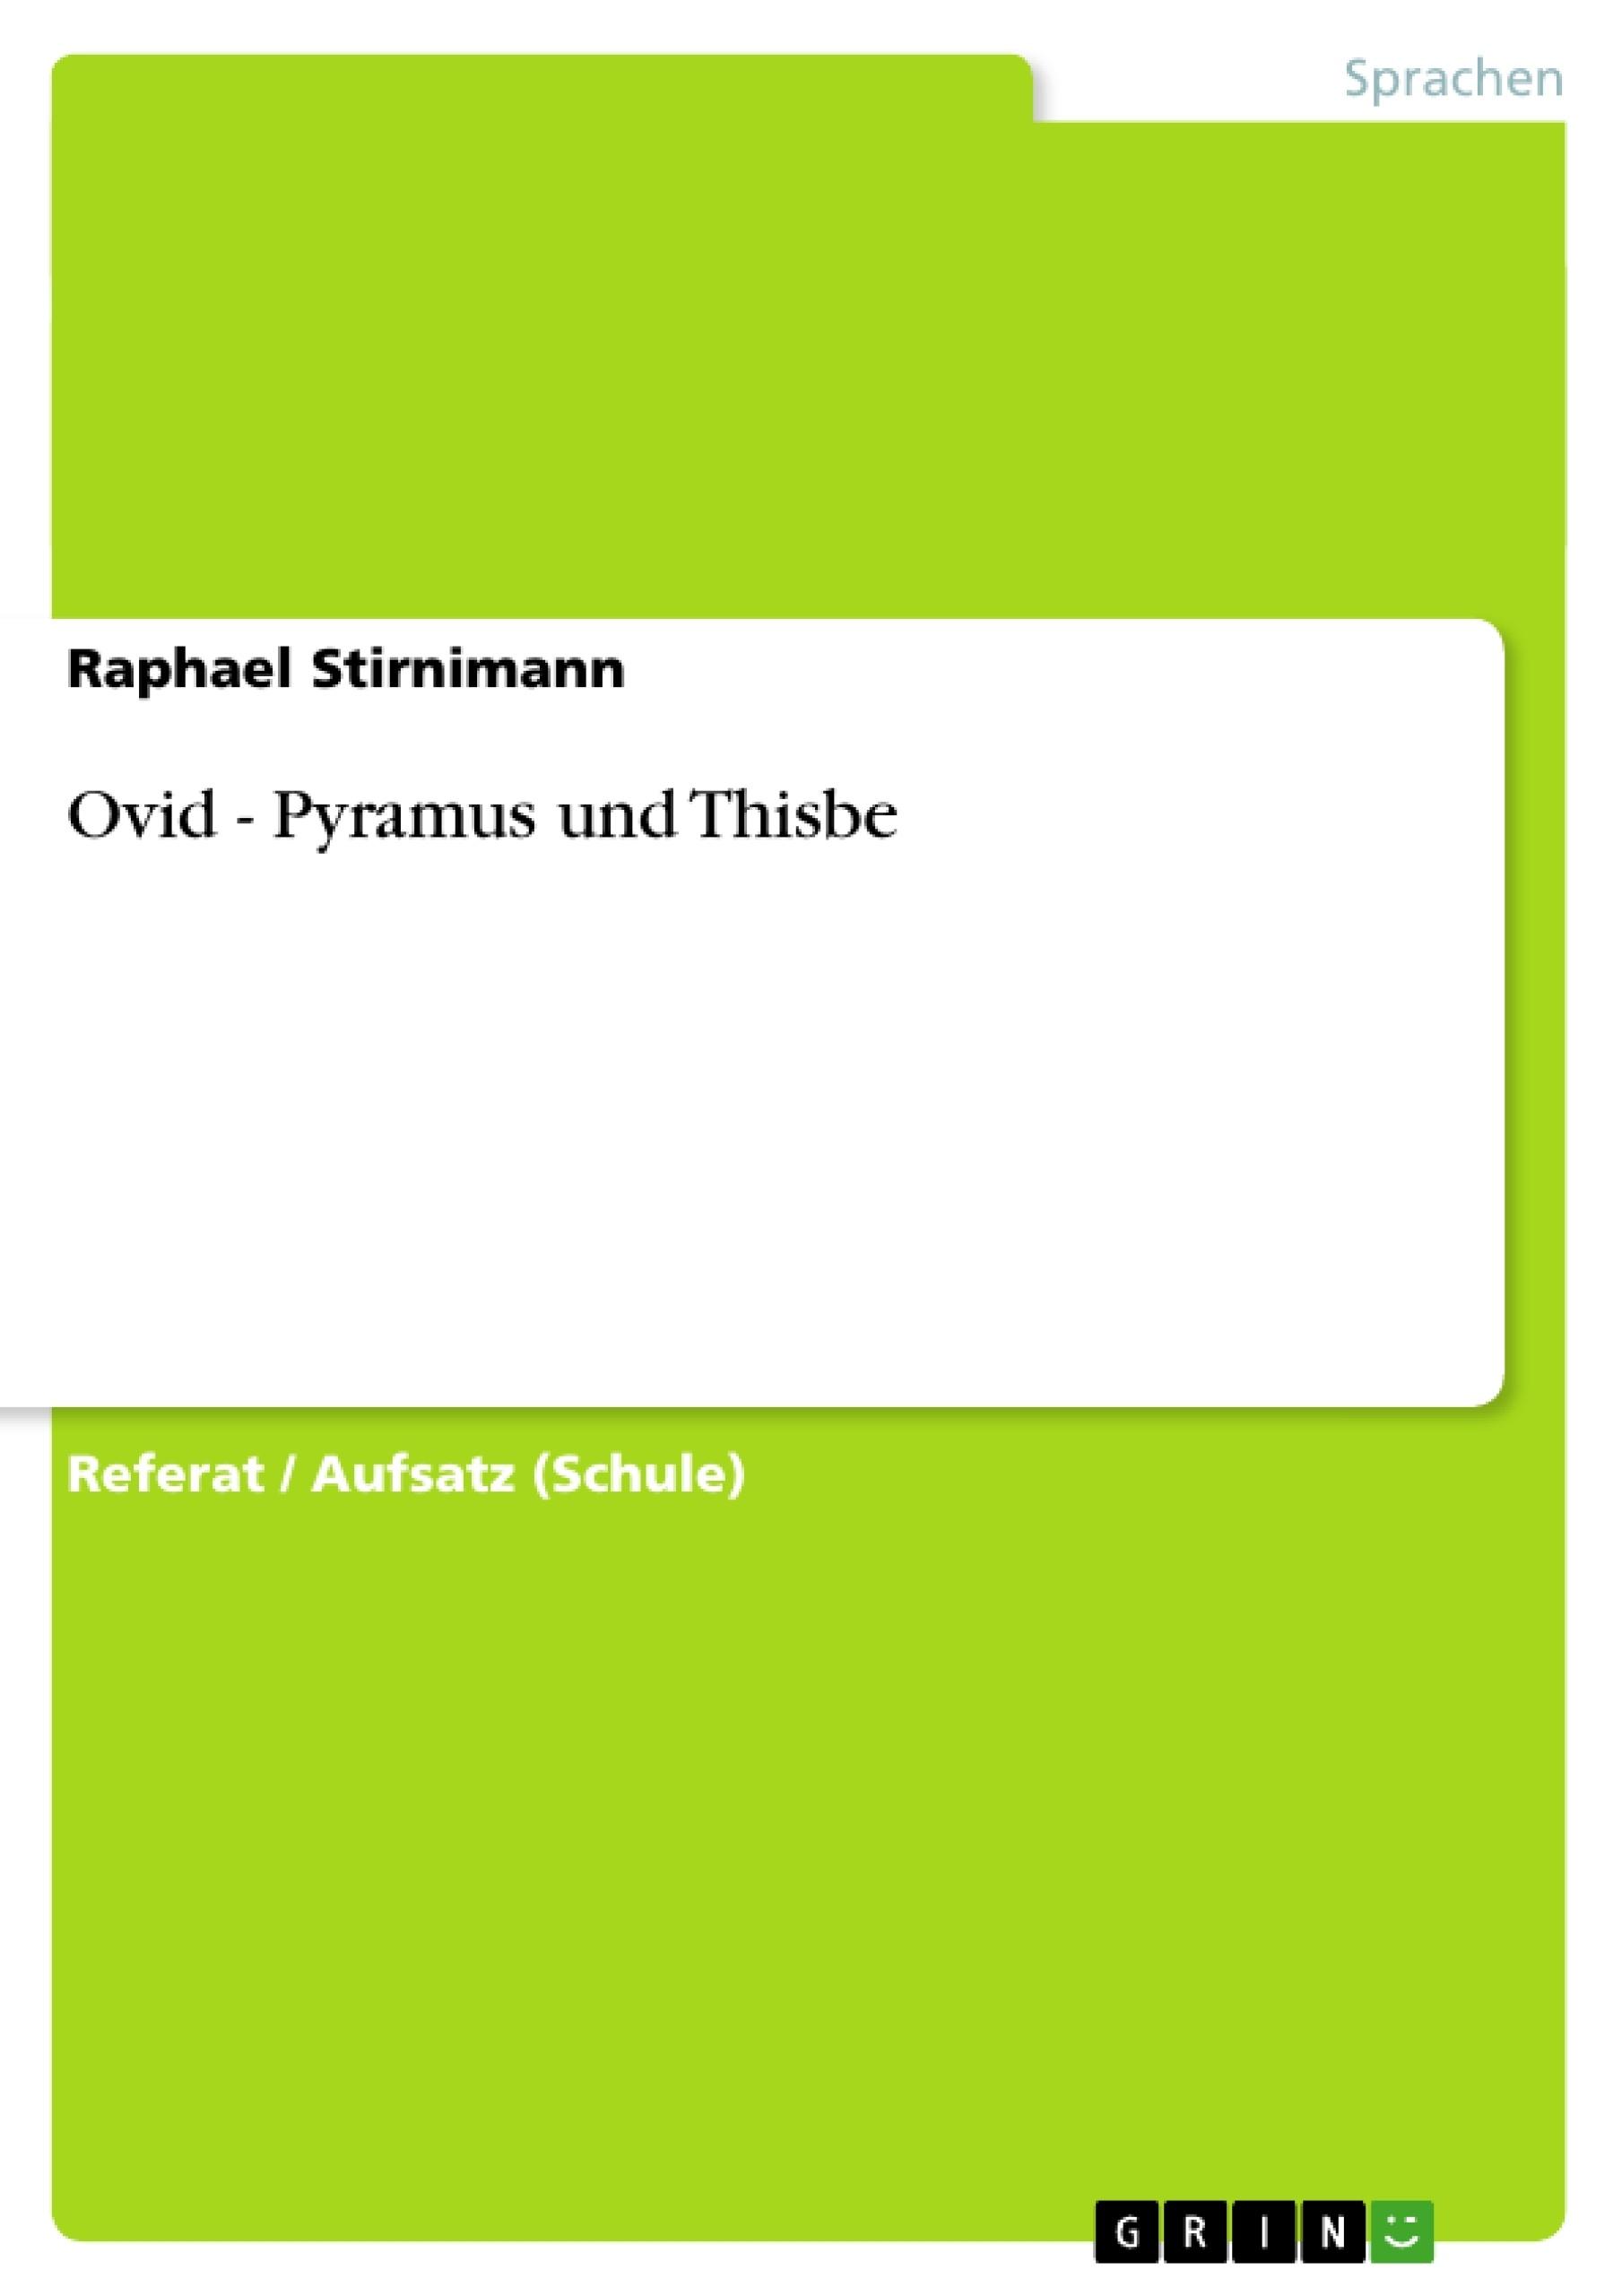 Titel: Ovid - Pyramus und Thisbe